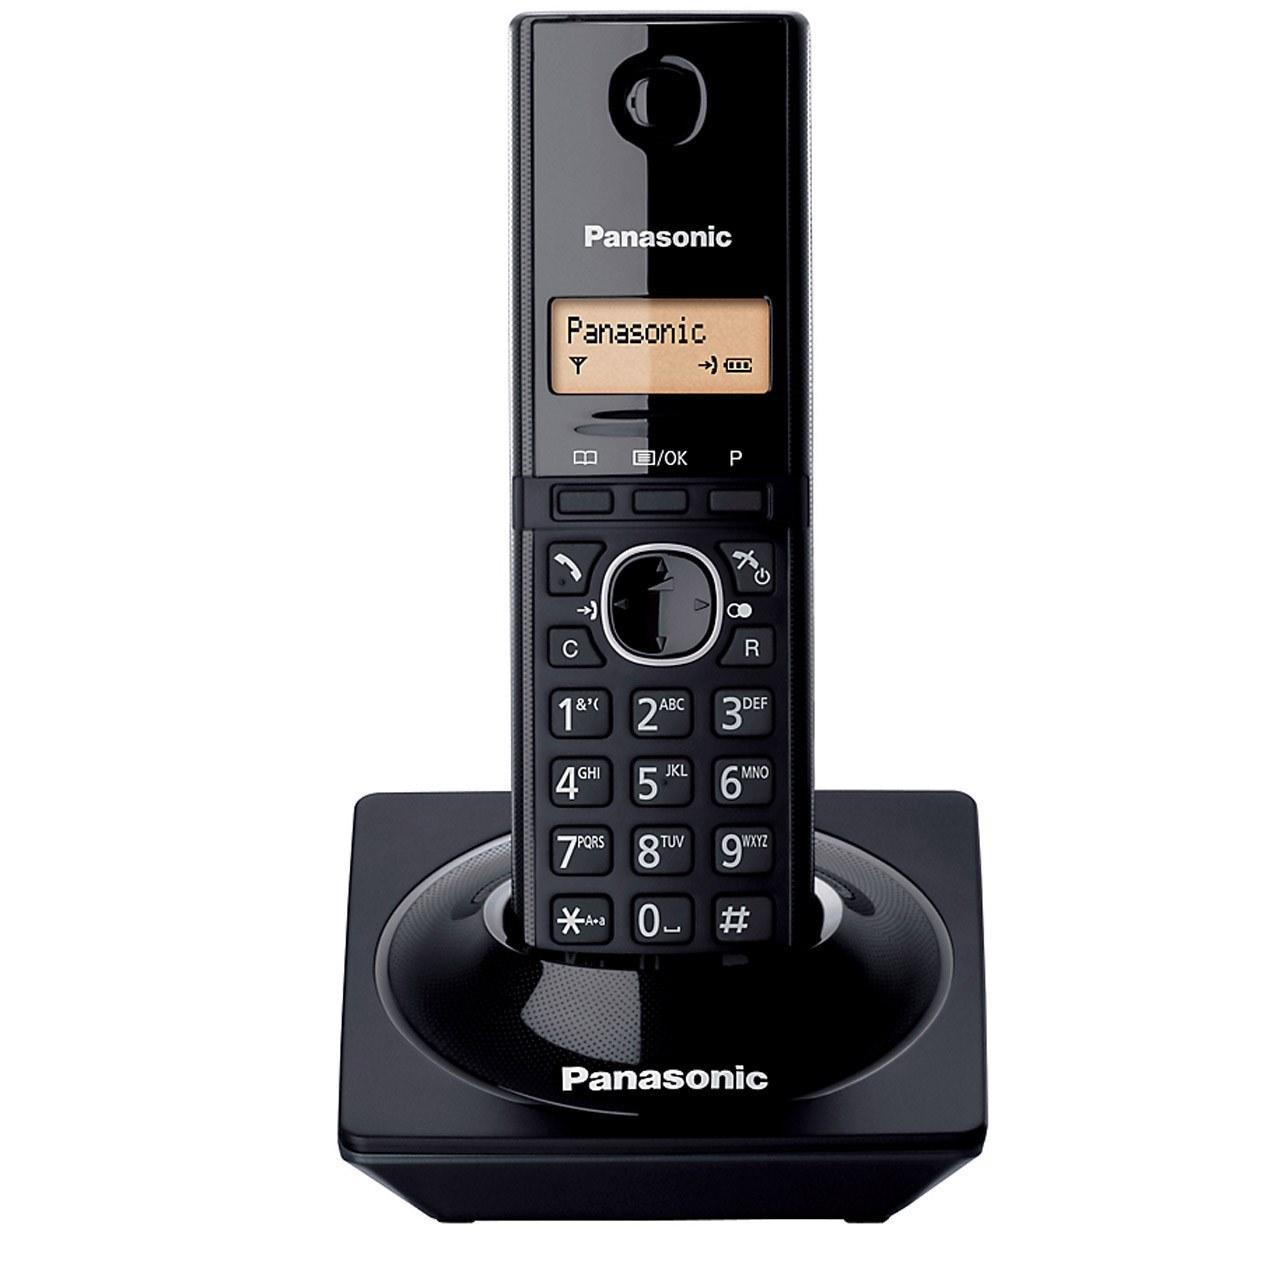 تصویر تلفن بی سیم پاناسونیک مدل KX-TGC1711 Panasonic KX-TGC1711 Wireless Phone